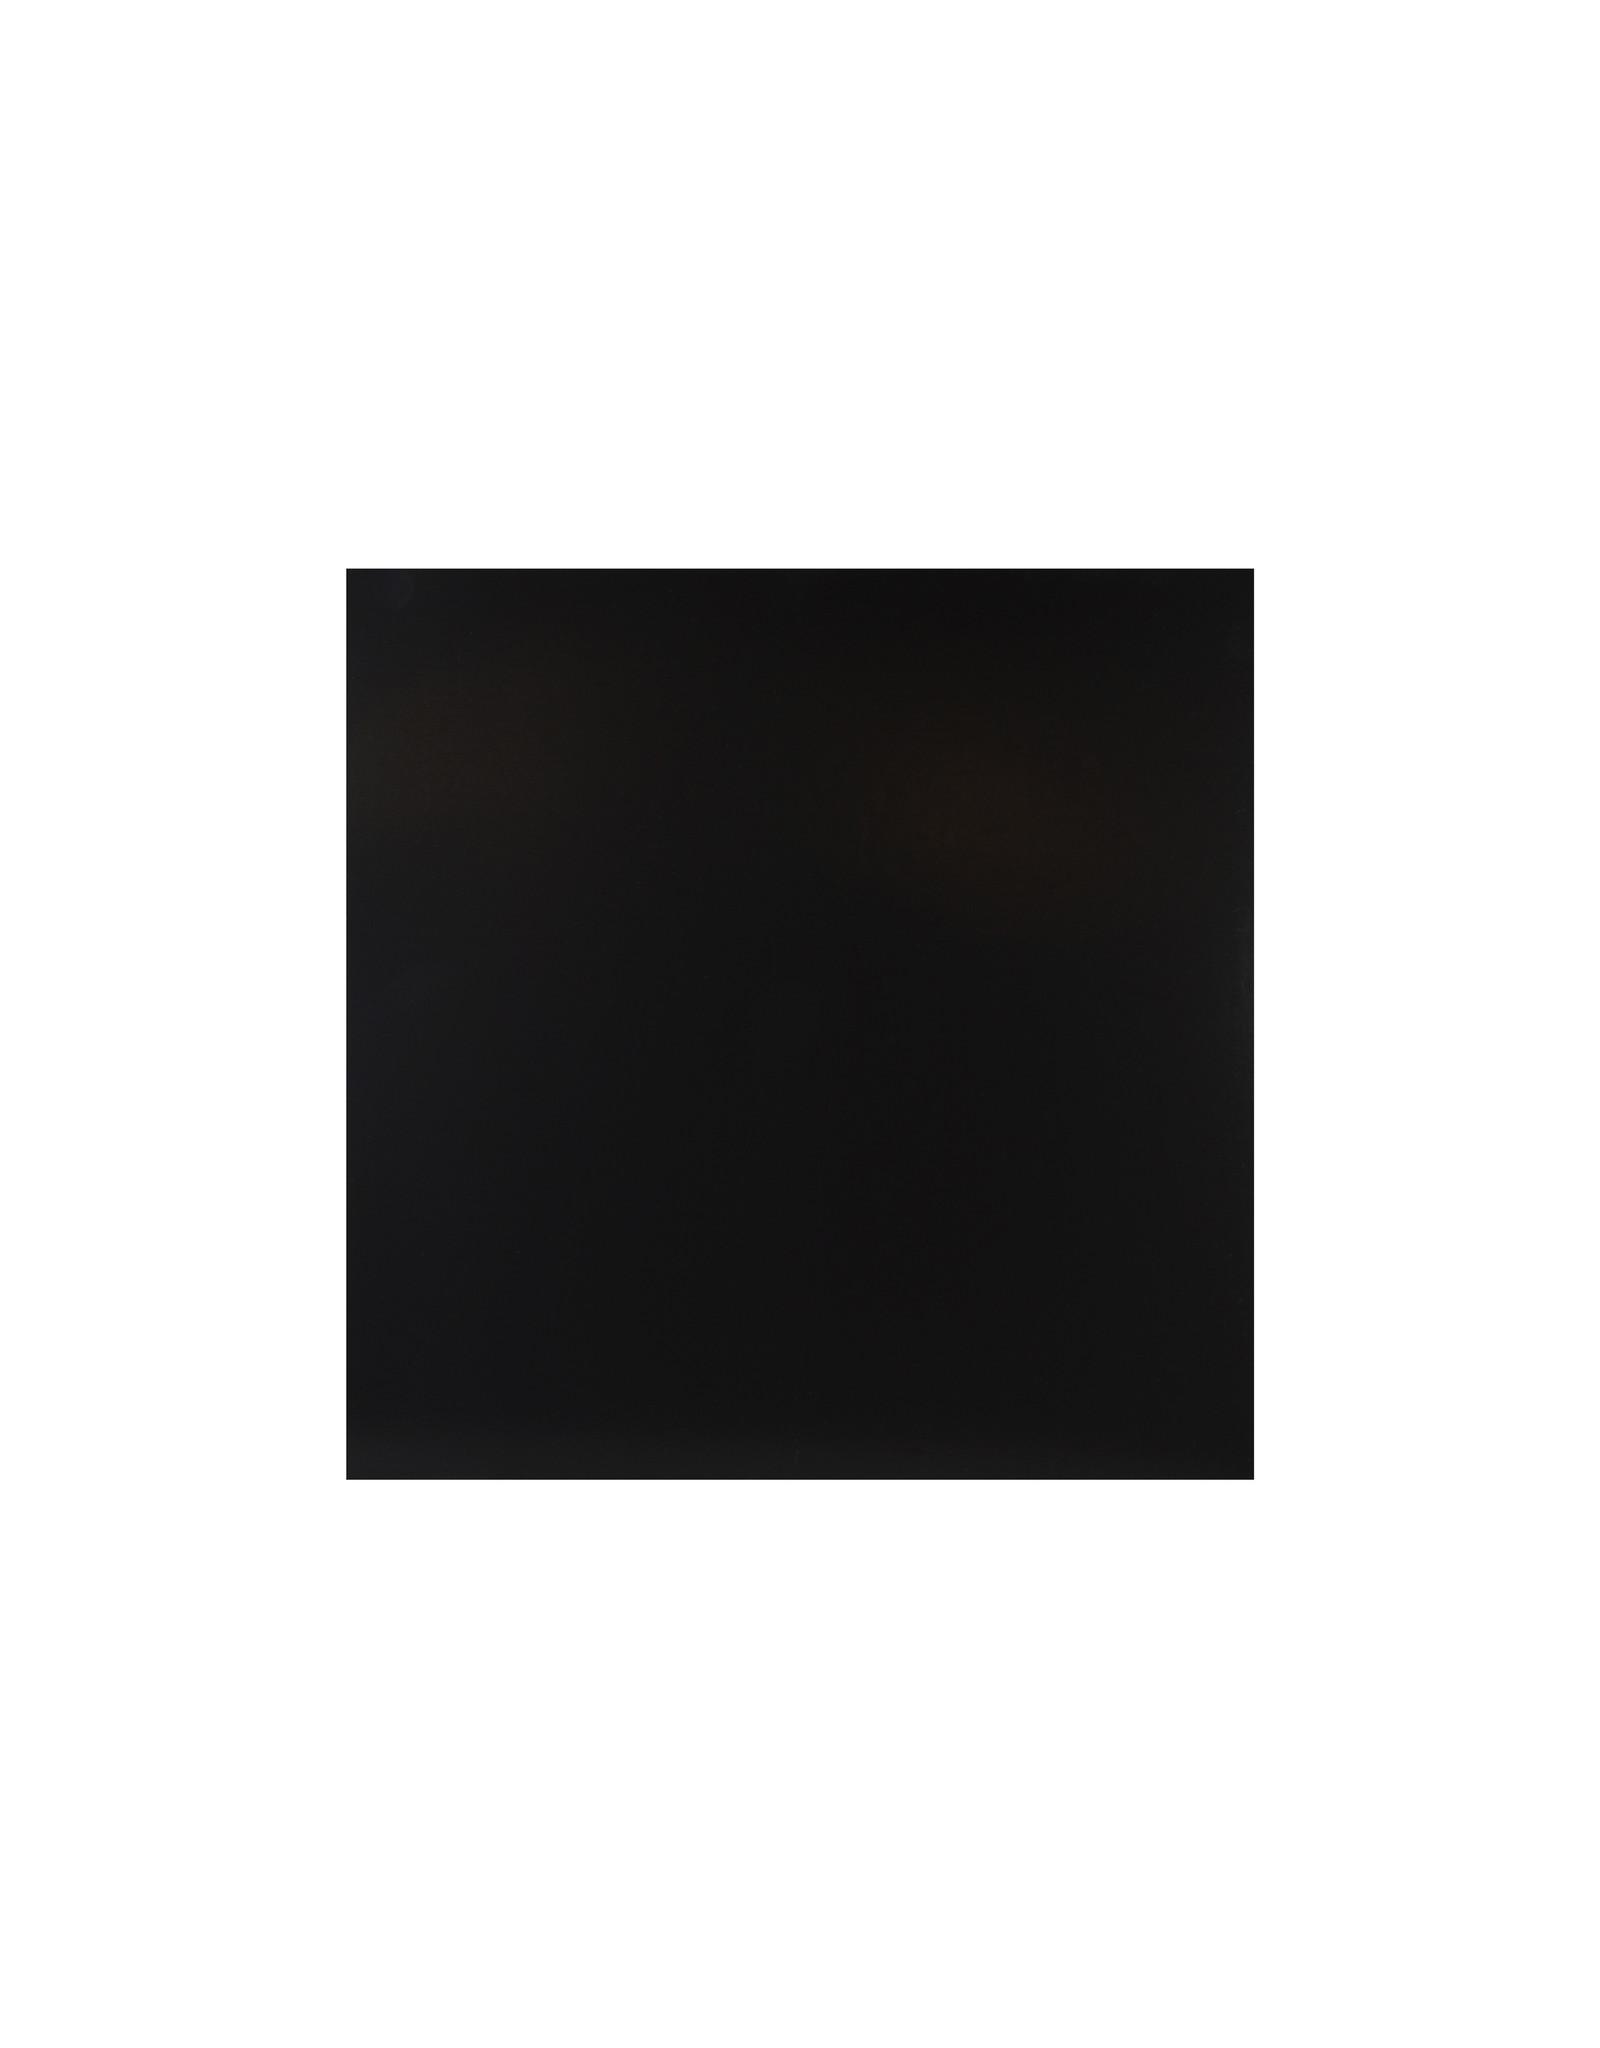 Prima PrimaCreator FlexPlate-Powder Coated PEI tailles différentes